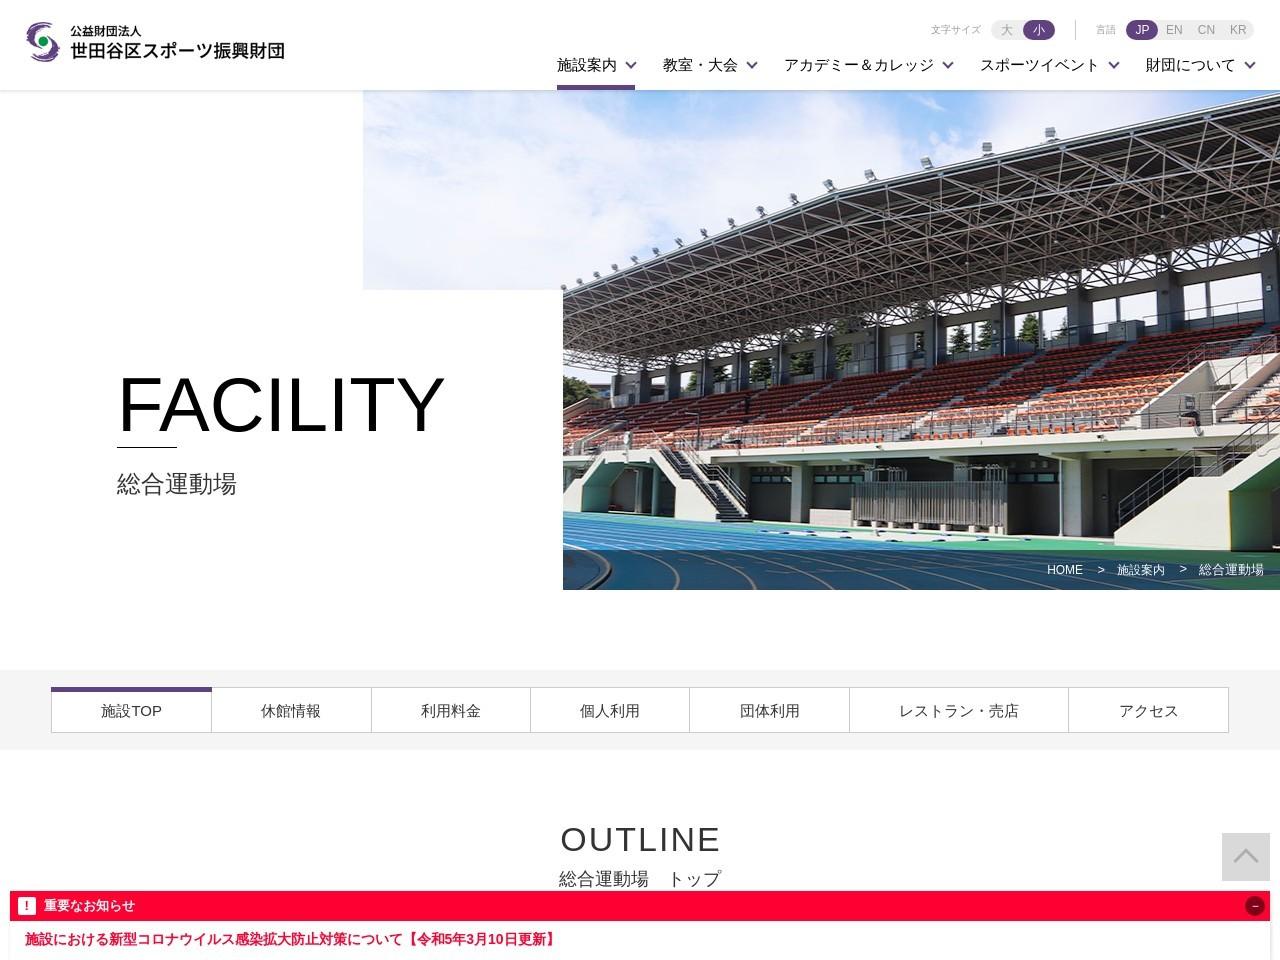 世田谷区立総合運動場テニスコート